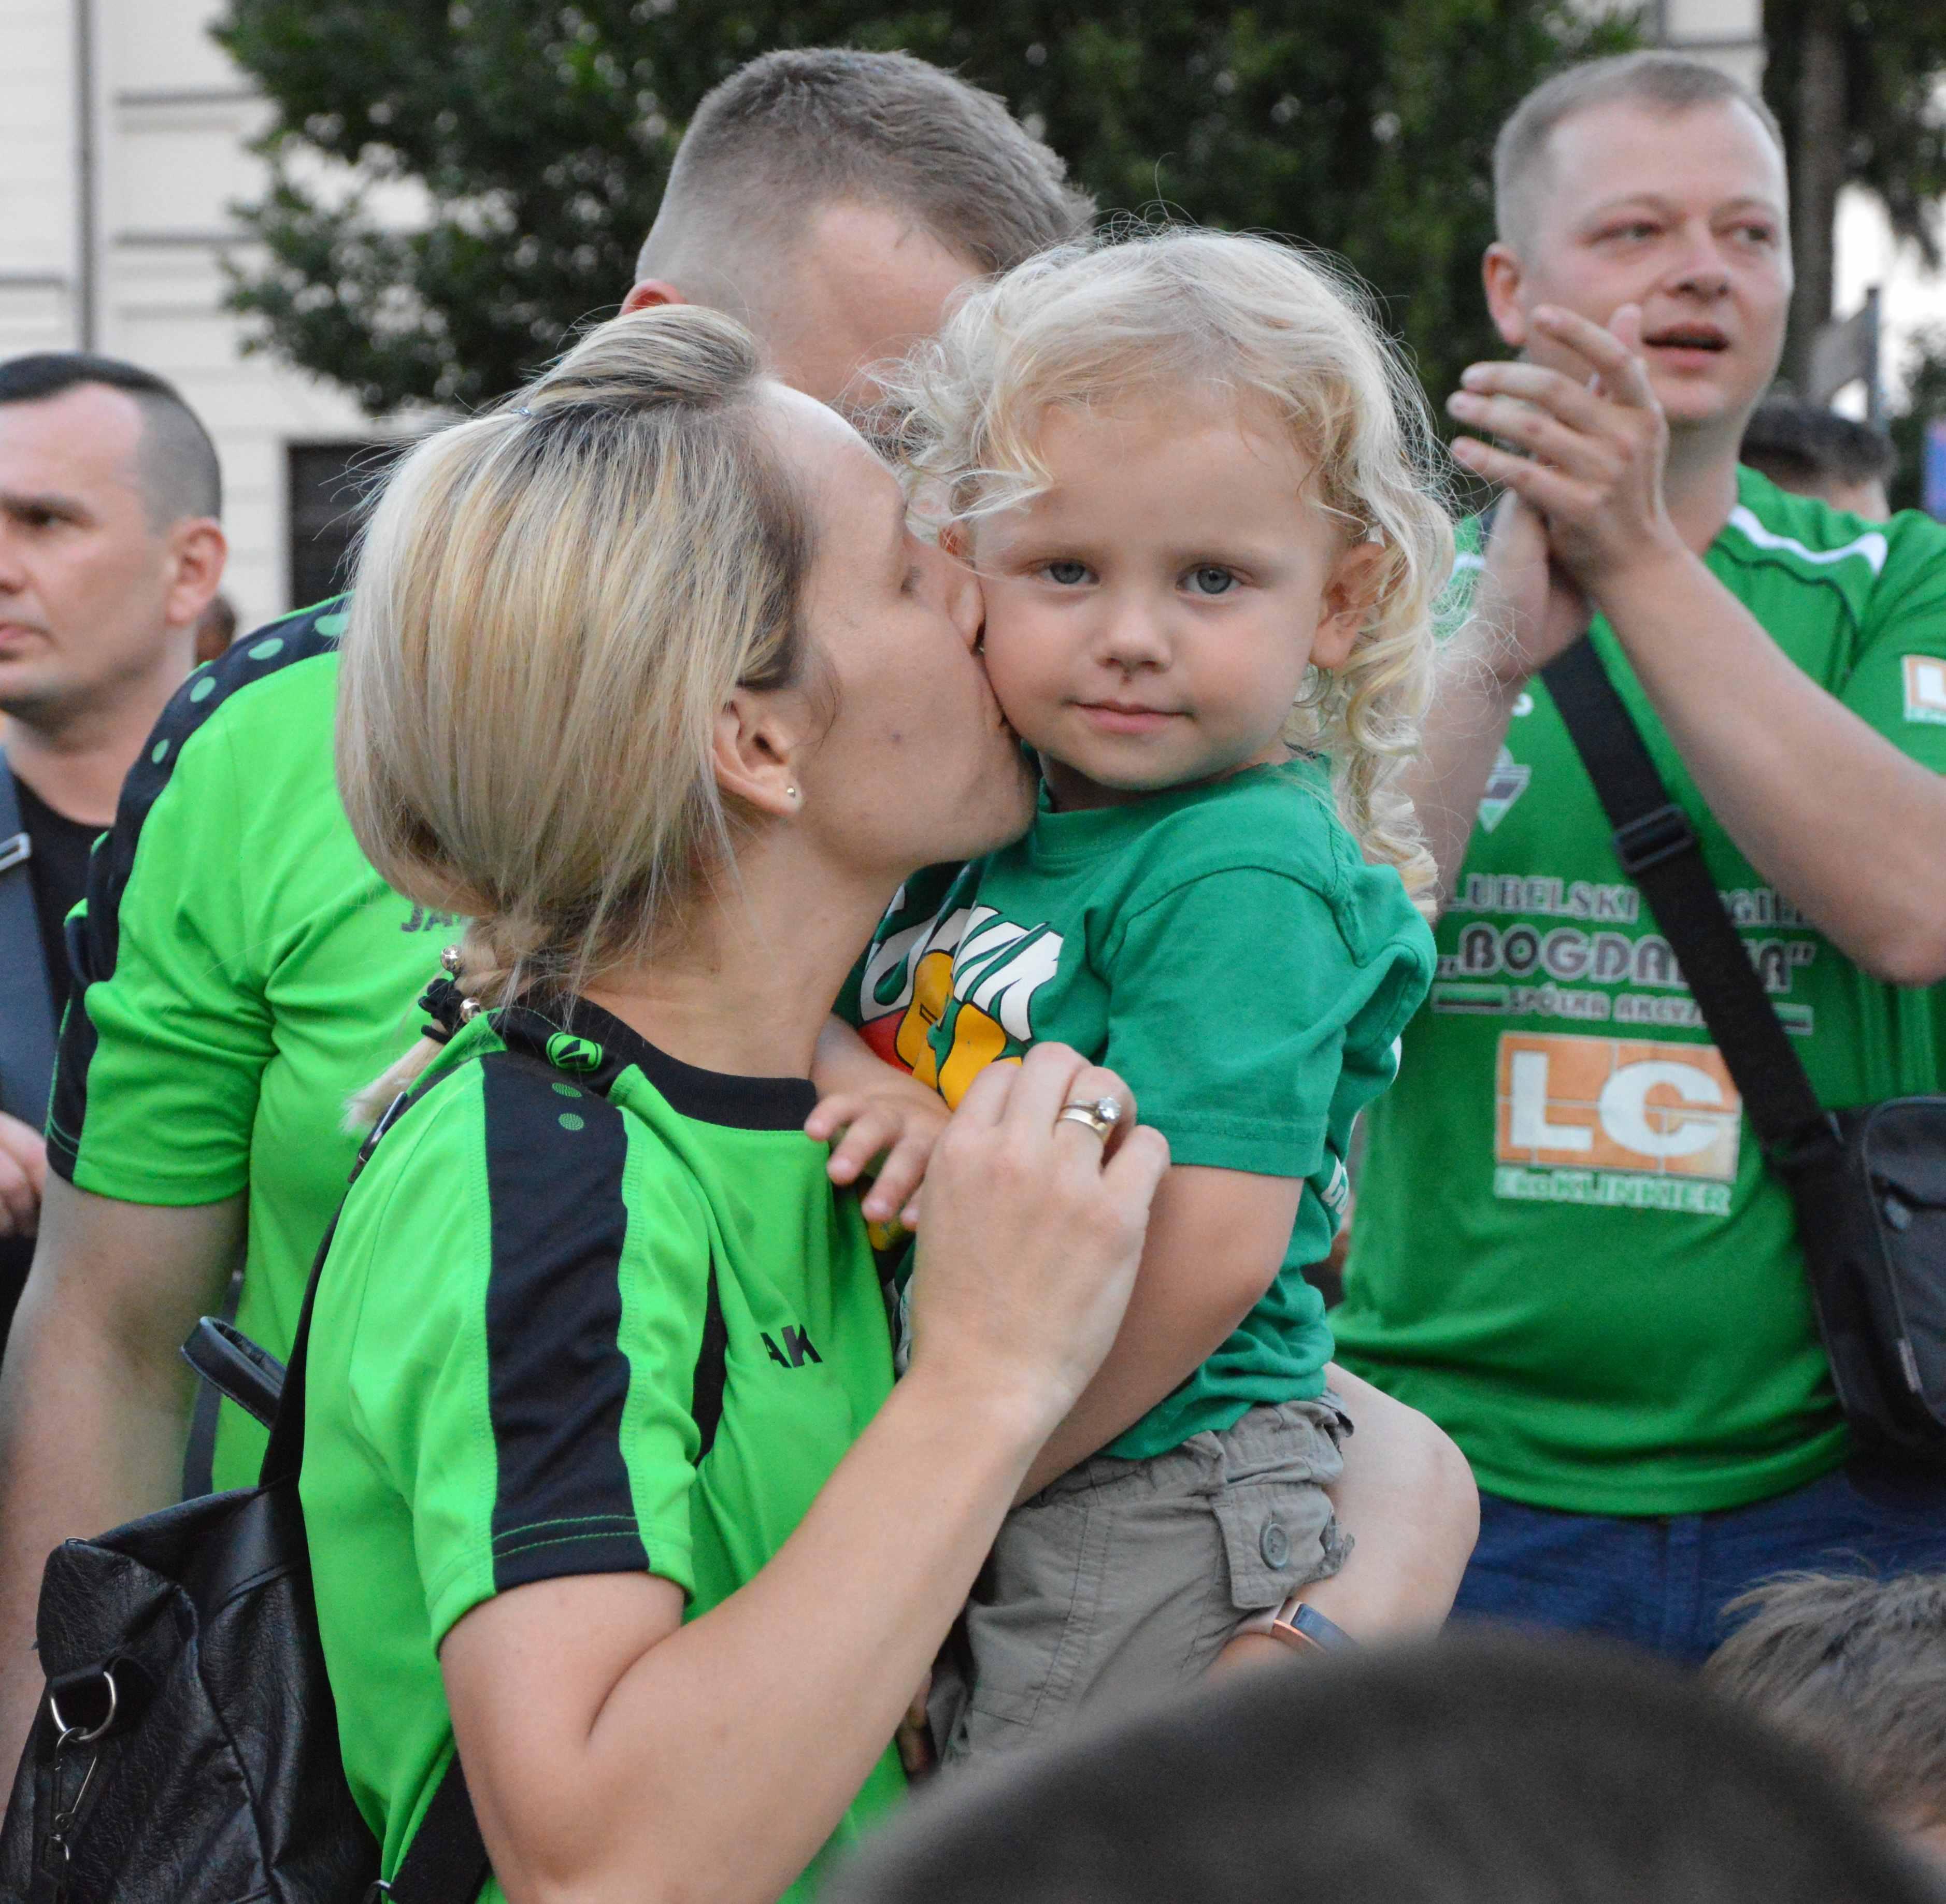 Łęczna: wielka feta kibiców i piłkarzy Górnika. Rynek w zielono-czarnych barwach [GALERIA - CZĘŚĆ II]  - Zdjęcie główne